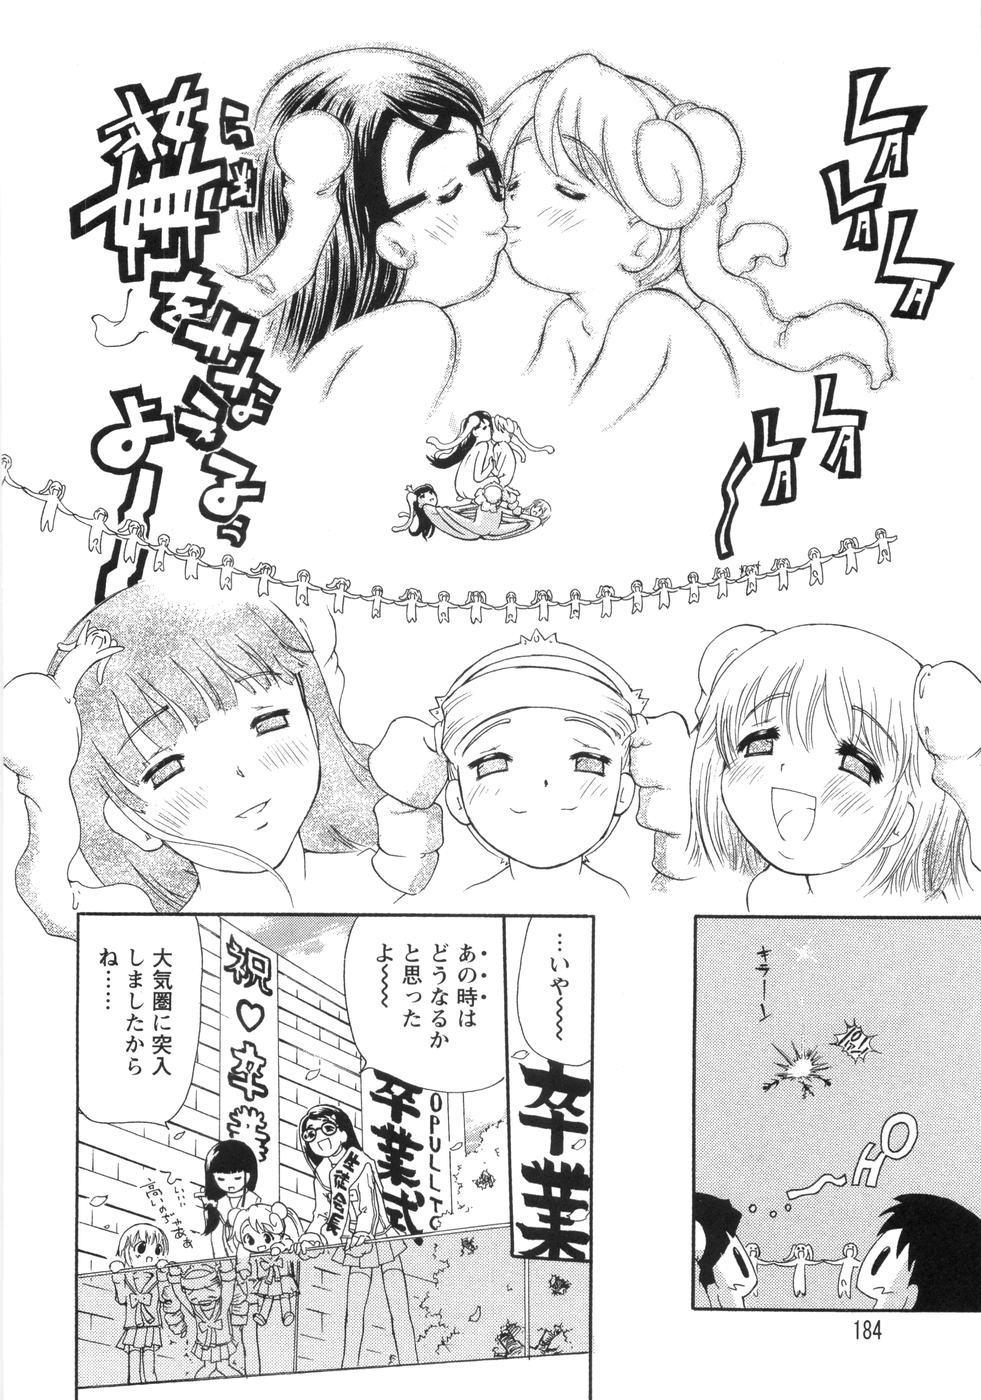 0 PULL TOWN Gakuen e Youkoso! 188